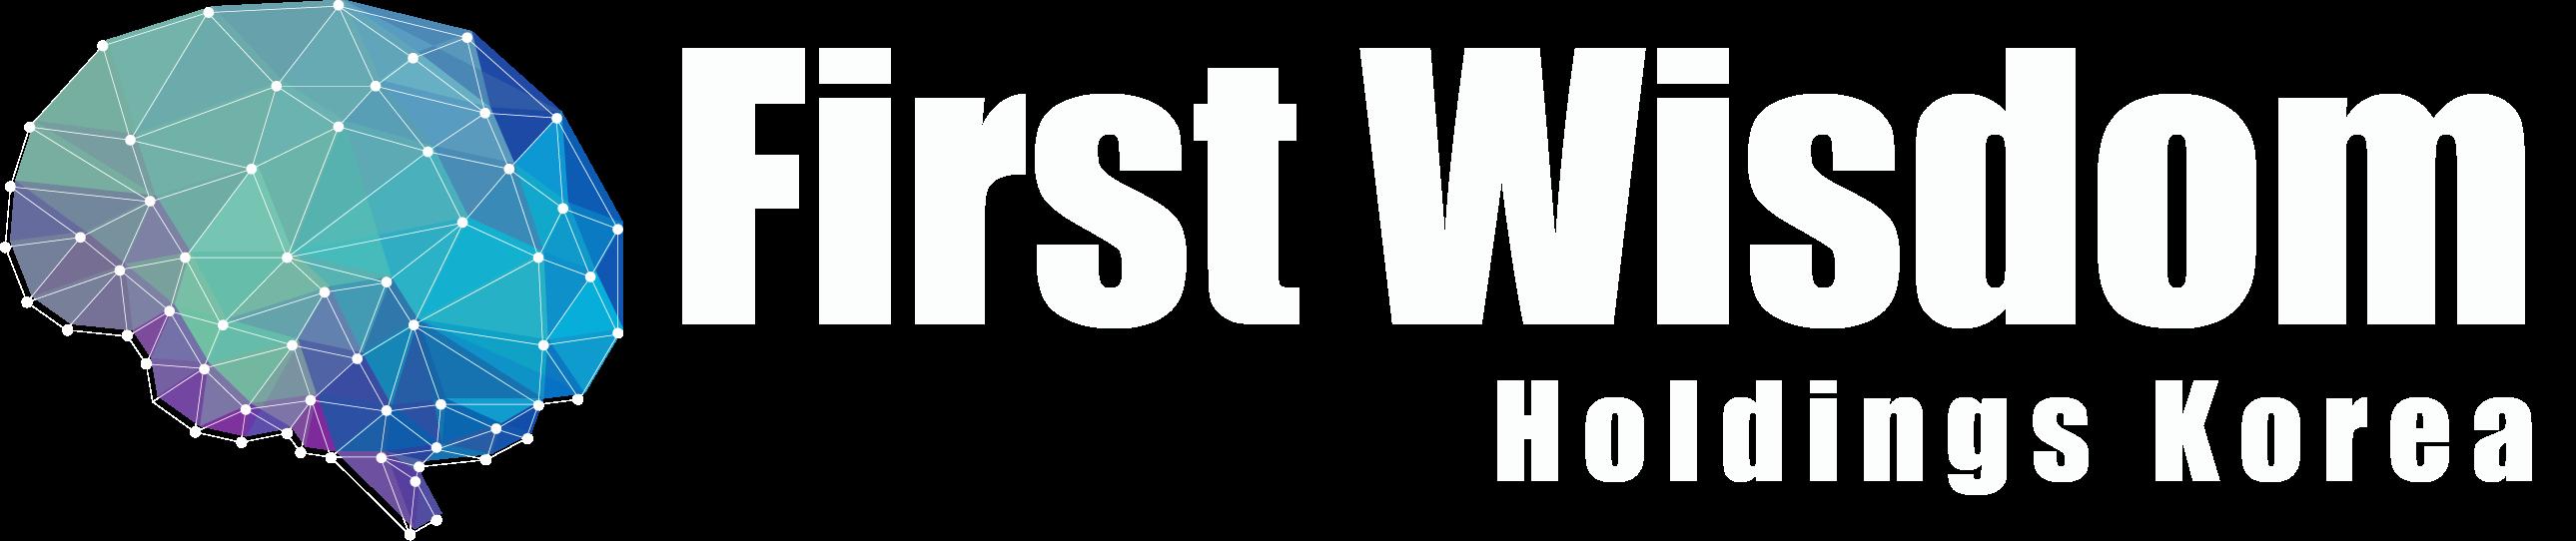 FIRST WISDOM